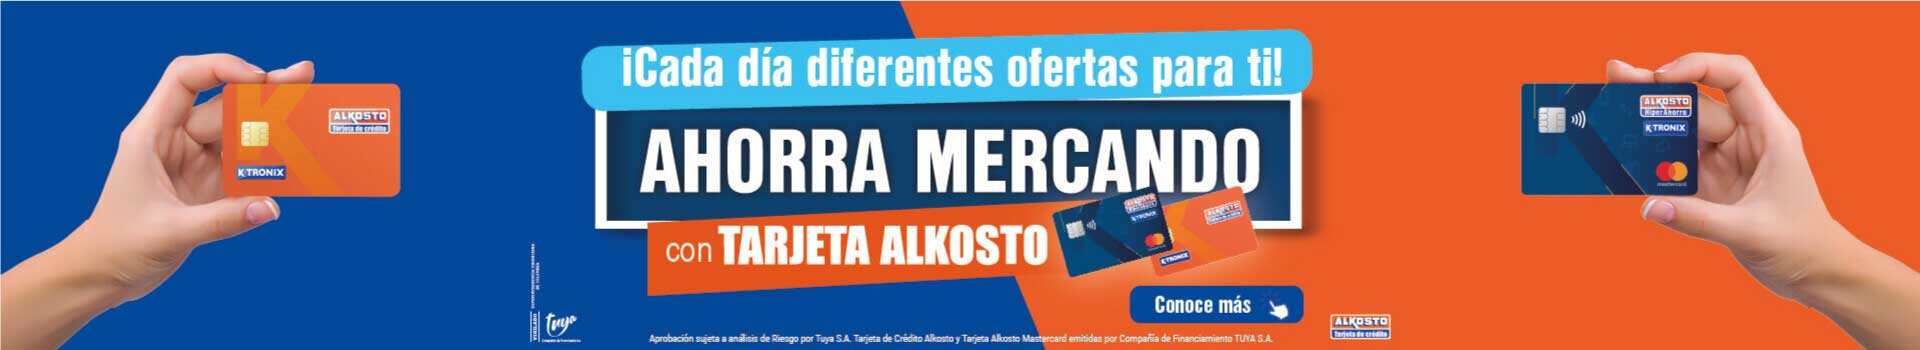 TCA-MERCADO-OFERTAS